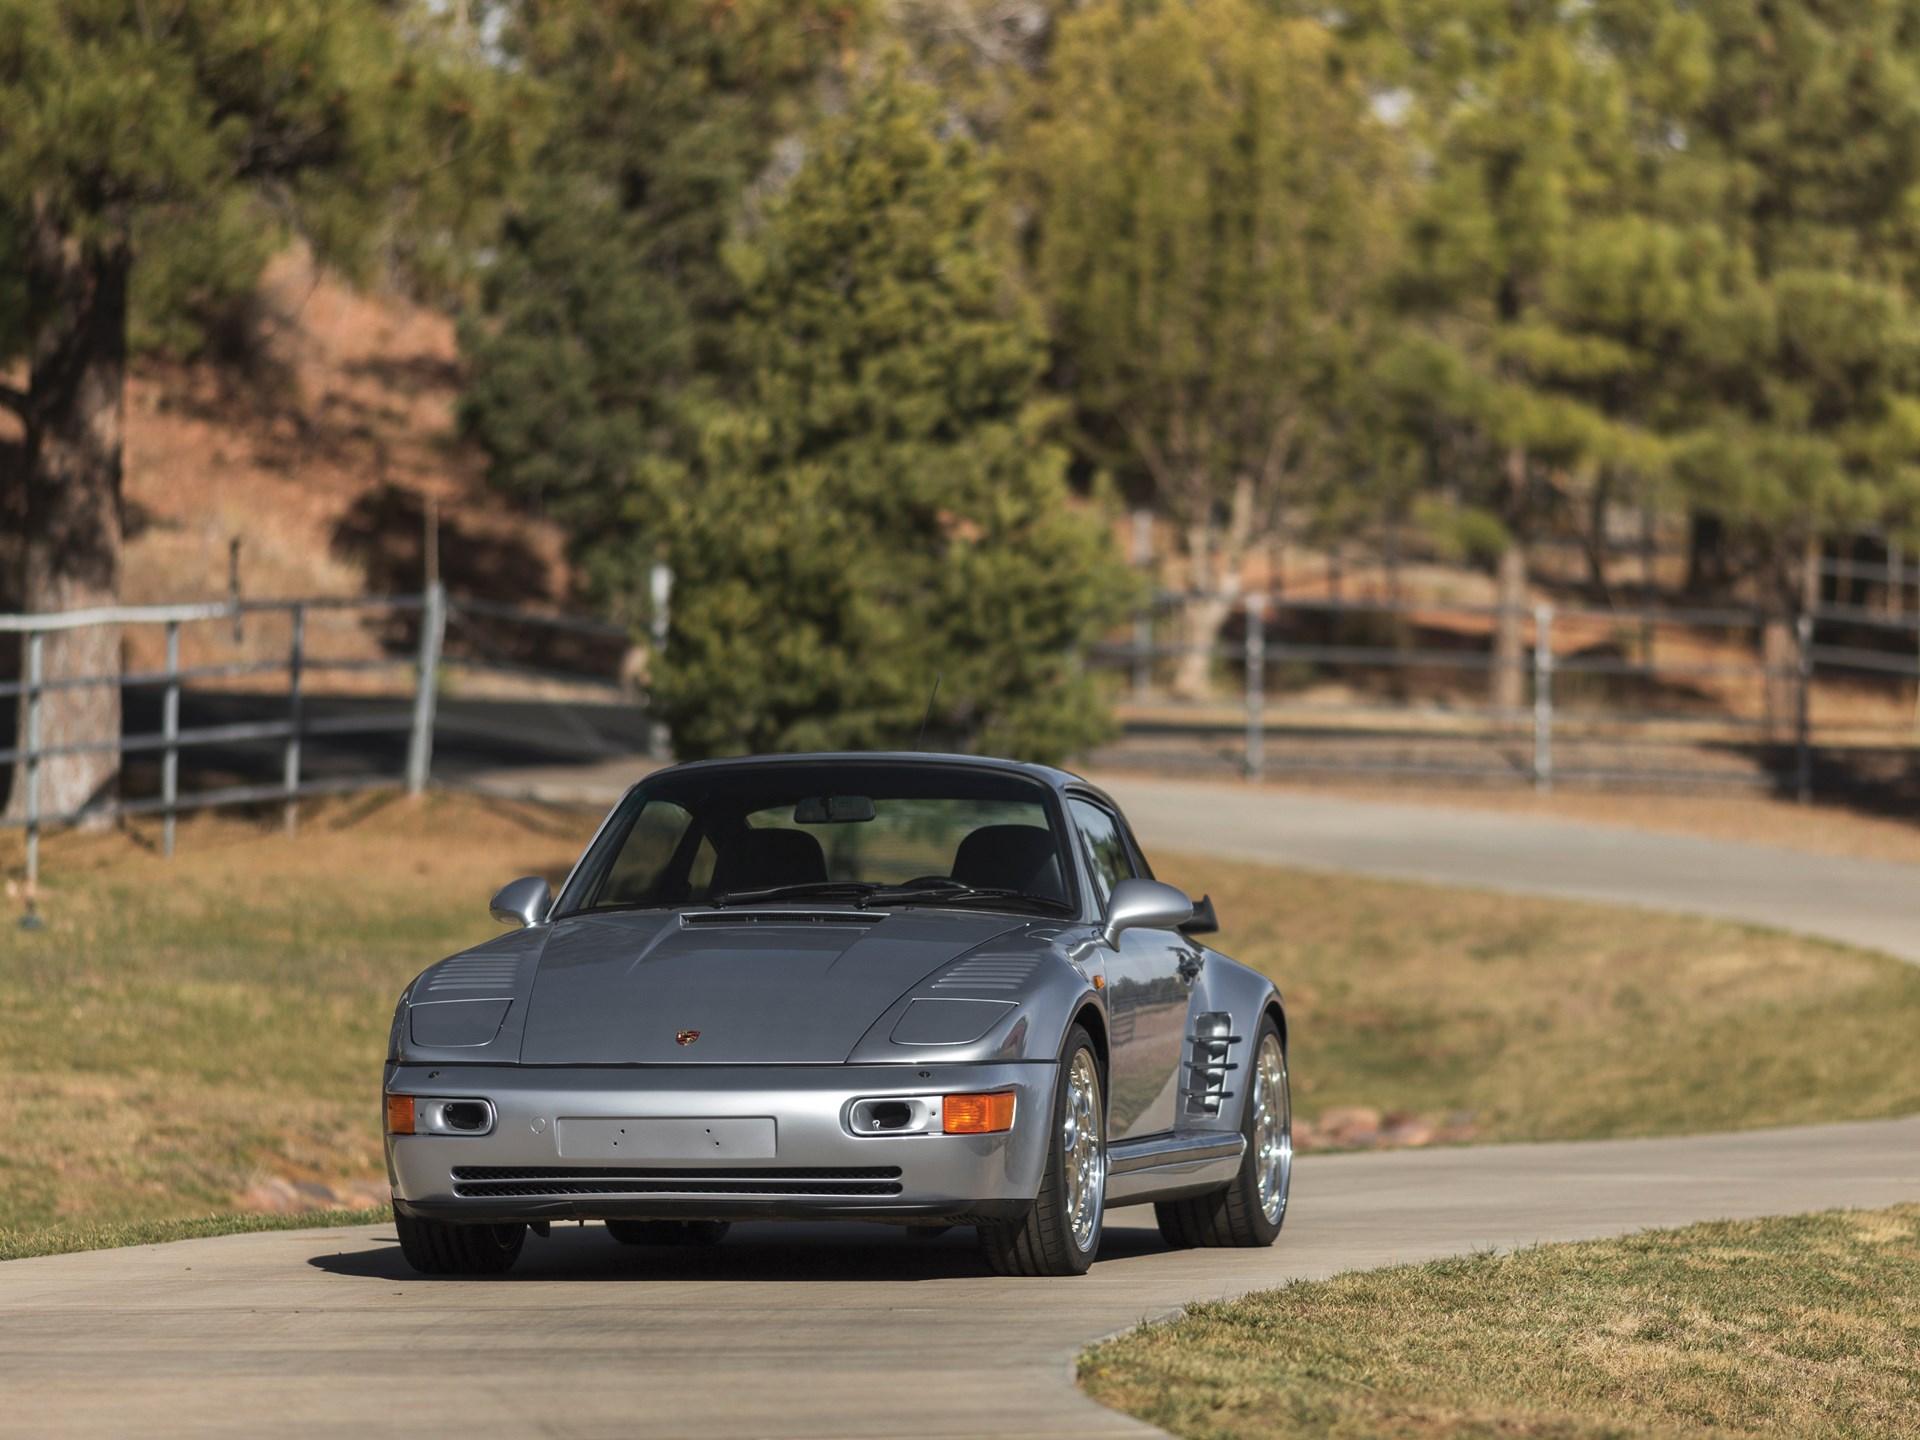 1994 Porsche 911 Turbo S X83 'Flachbau'